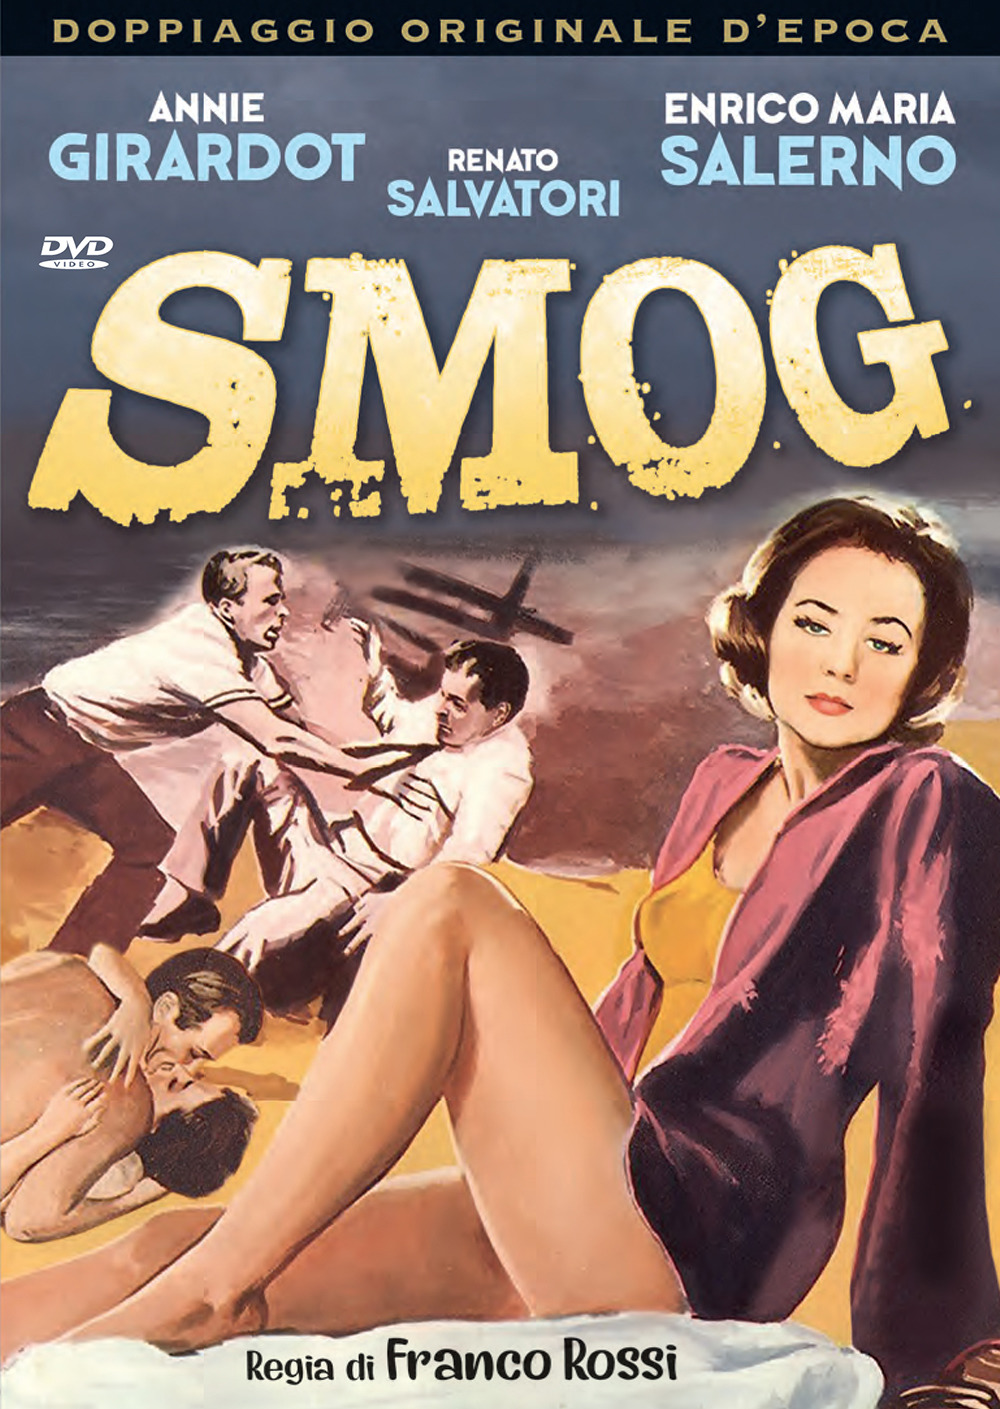 SMOG (DVD)